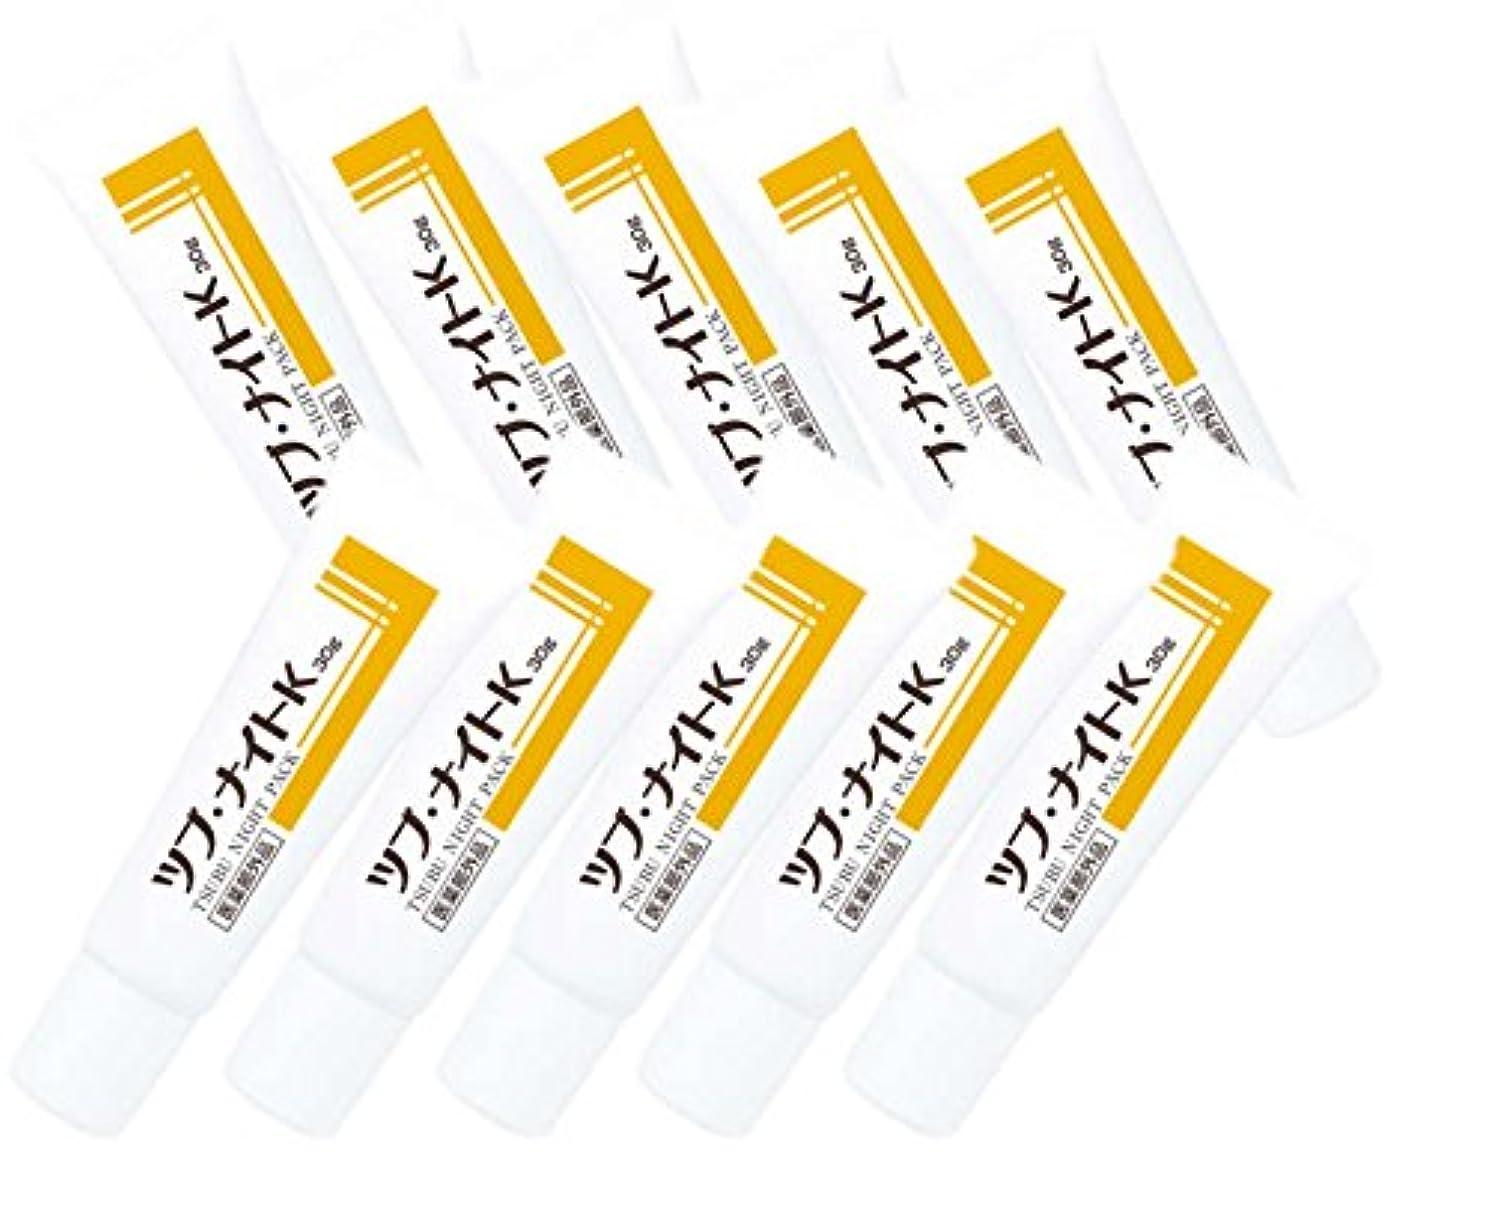 内陸ファウル気まぐれな薬用ツブ・ナイトK 30g 10個セット 医薬部外品